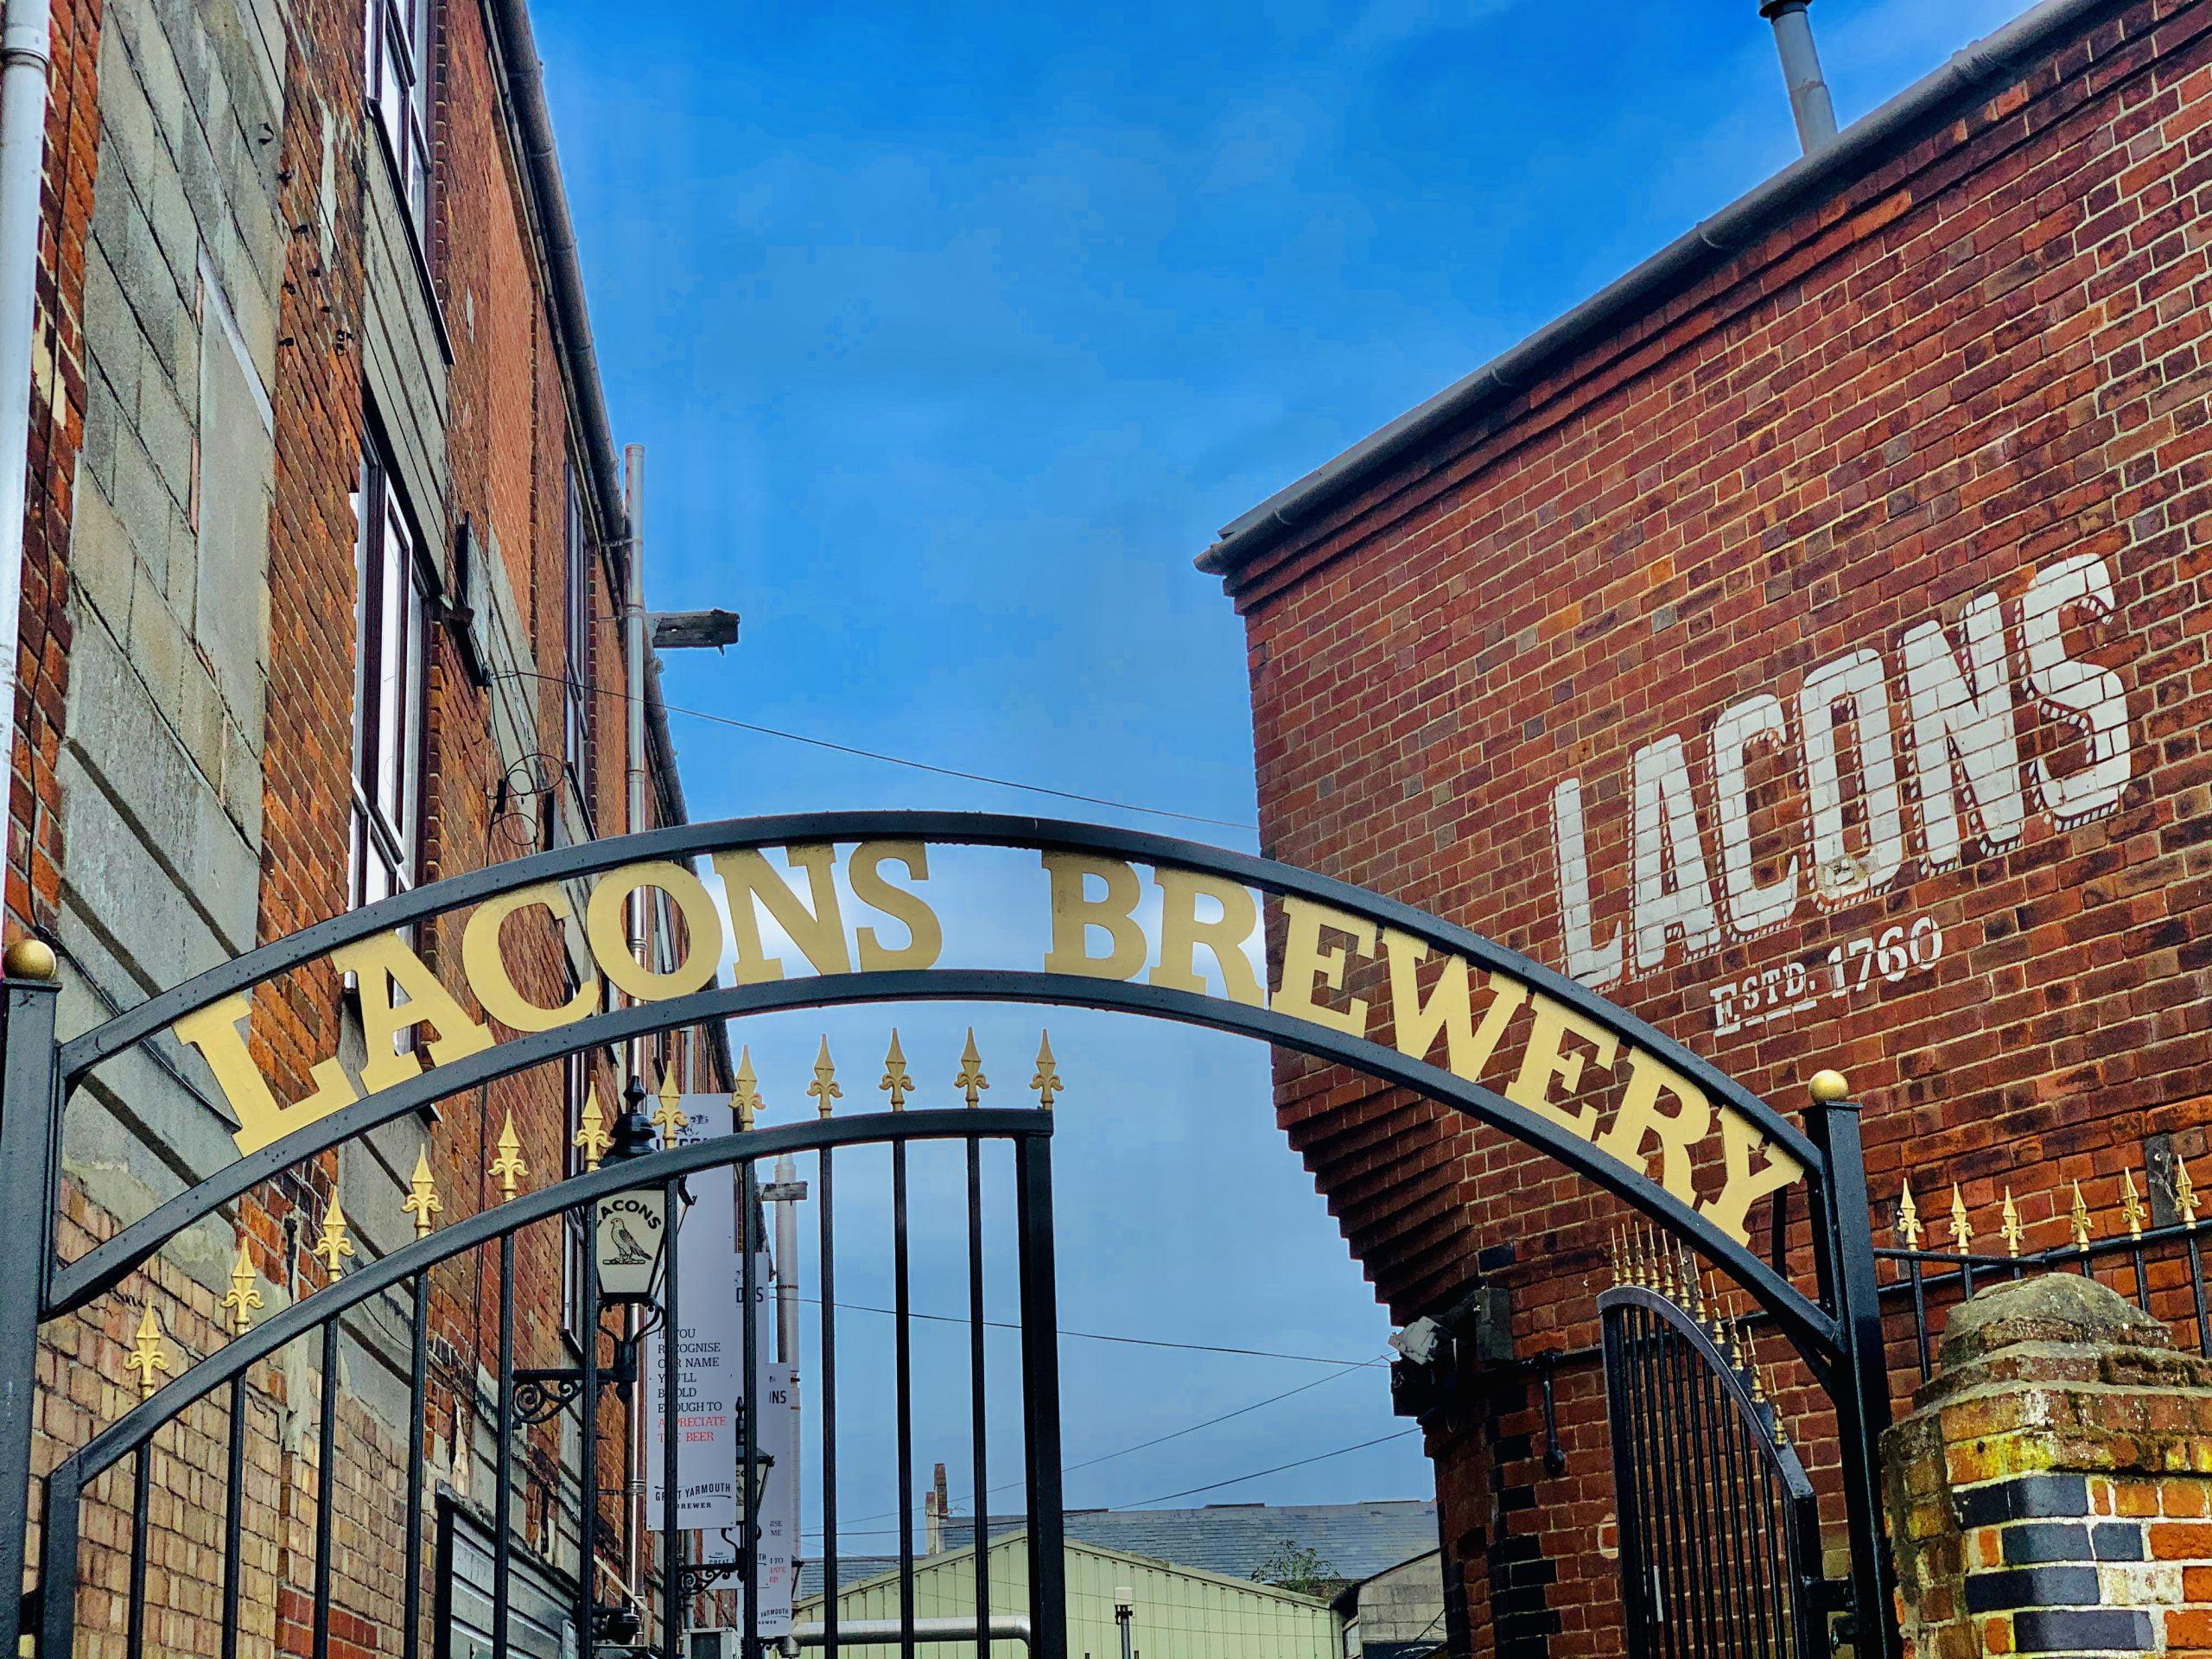 Lacons Gate